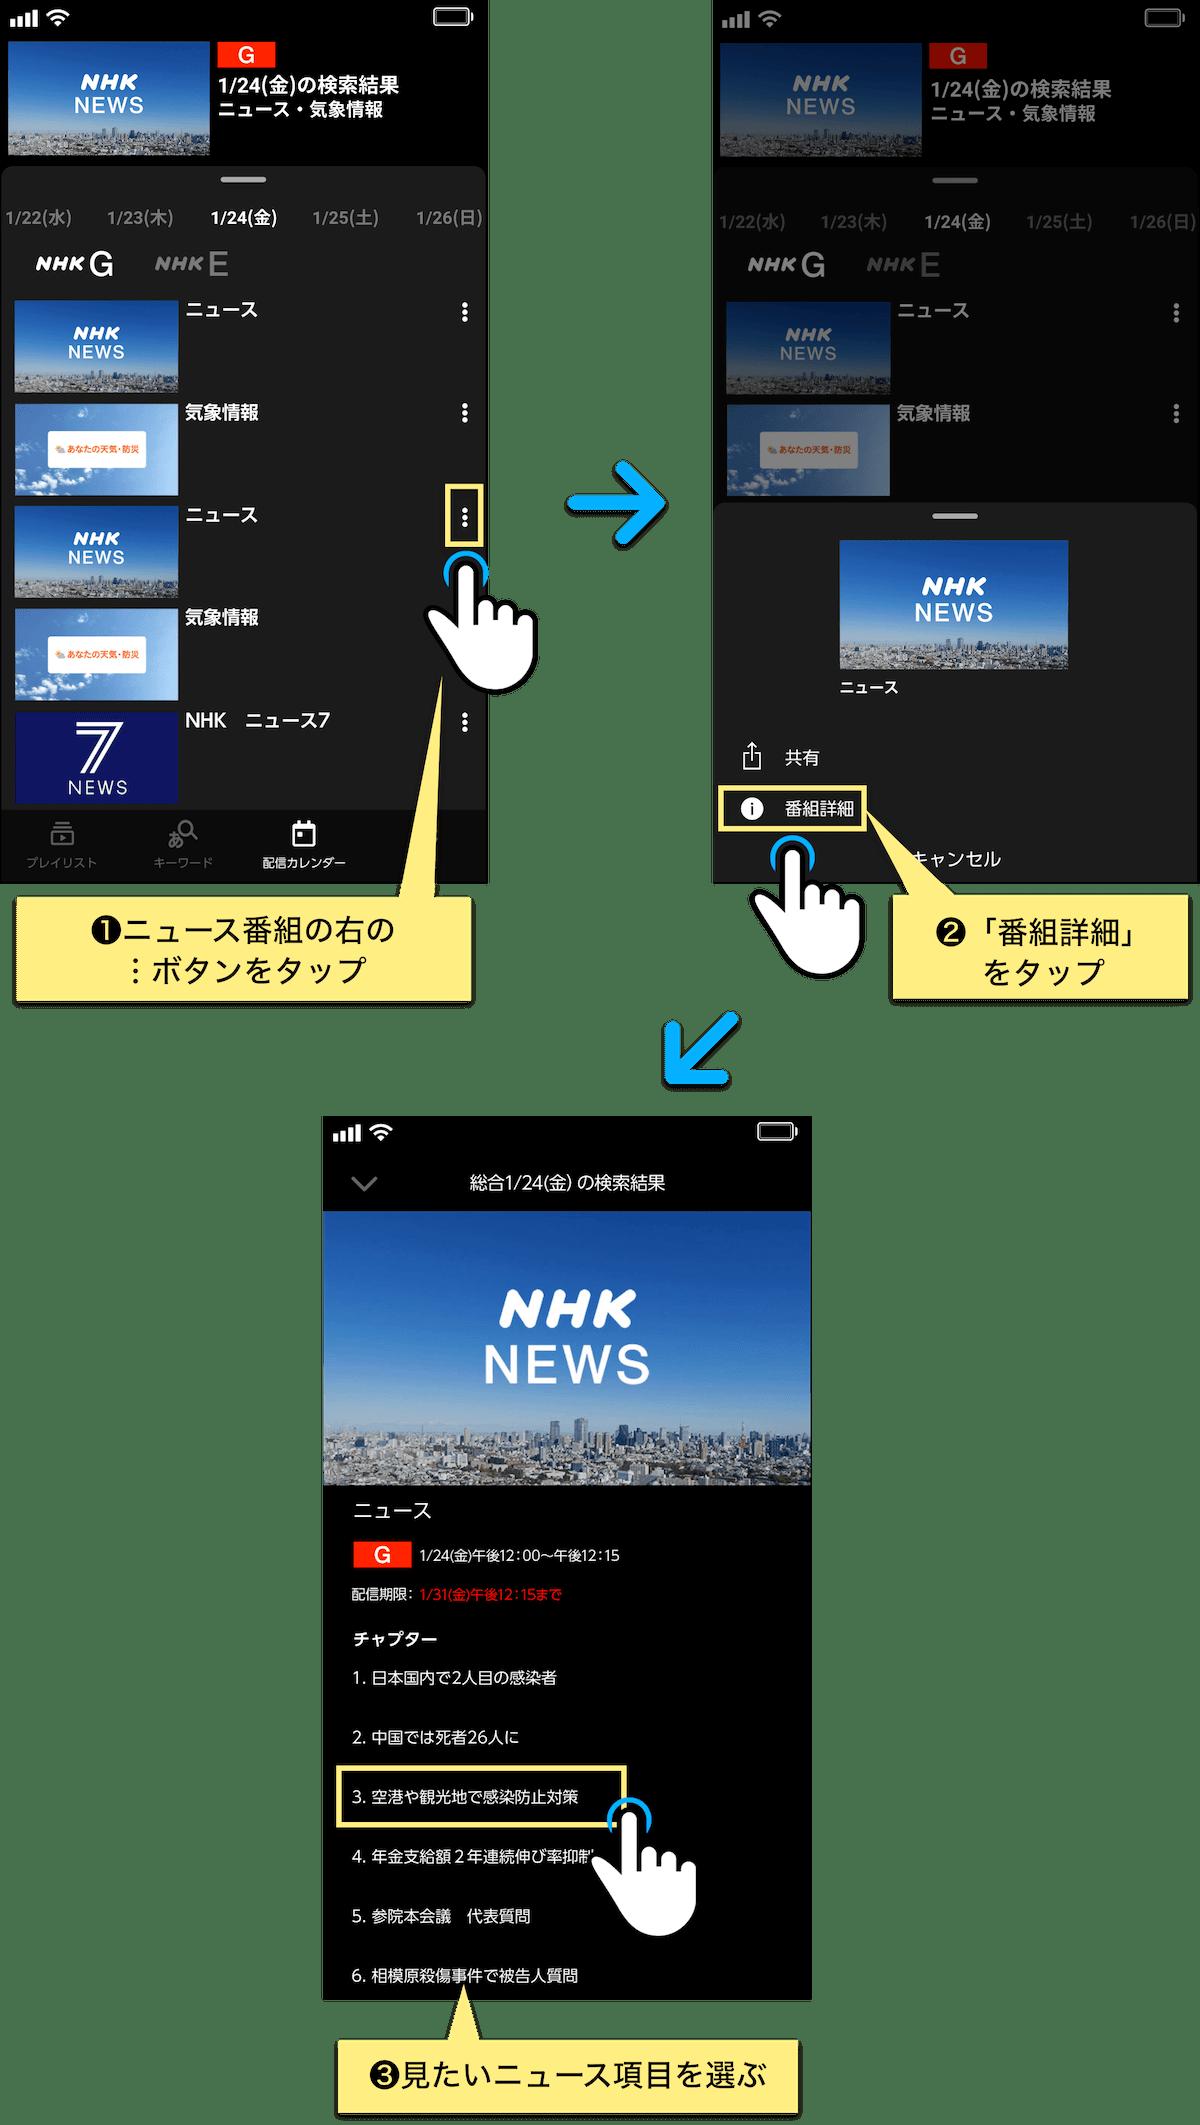 チャンネル 見方 の サブ nhk